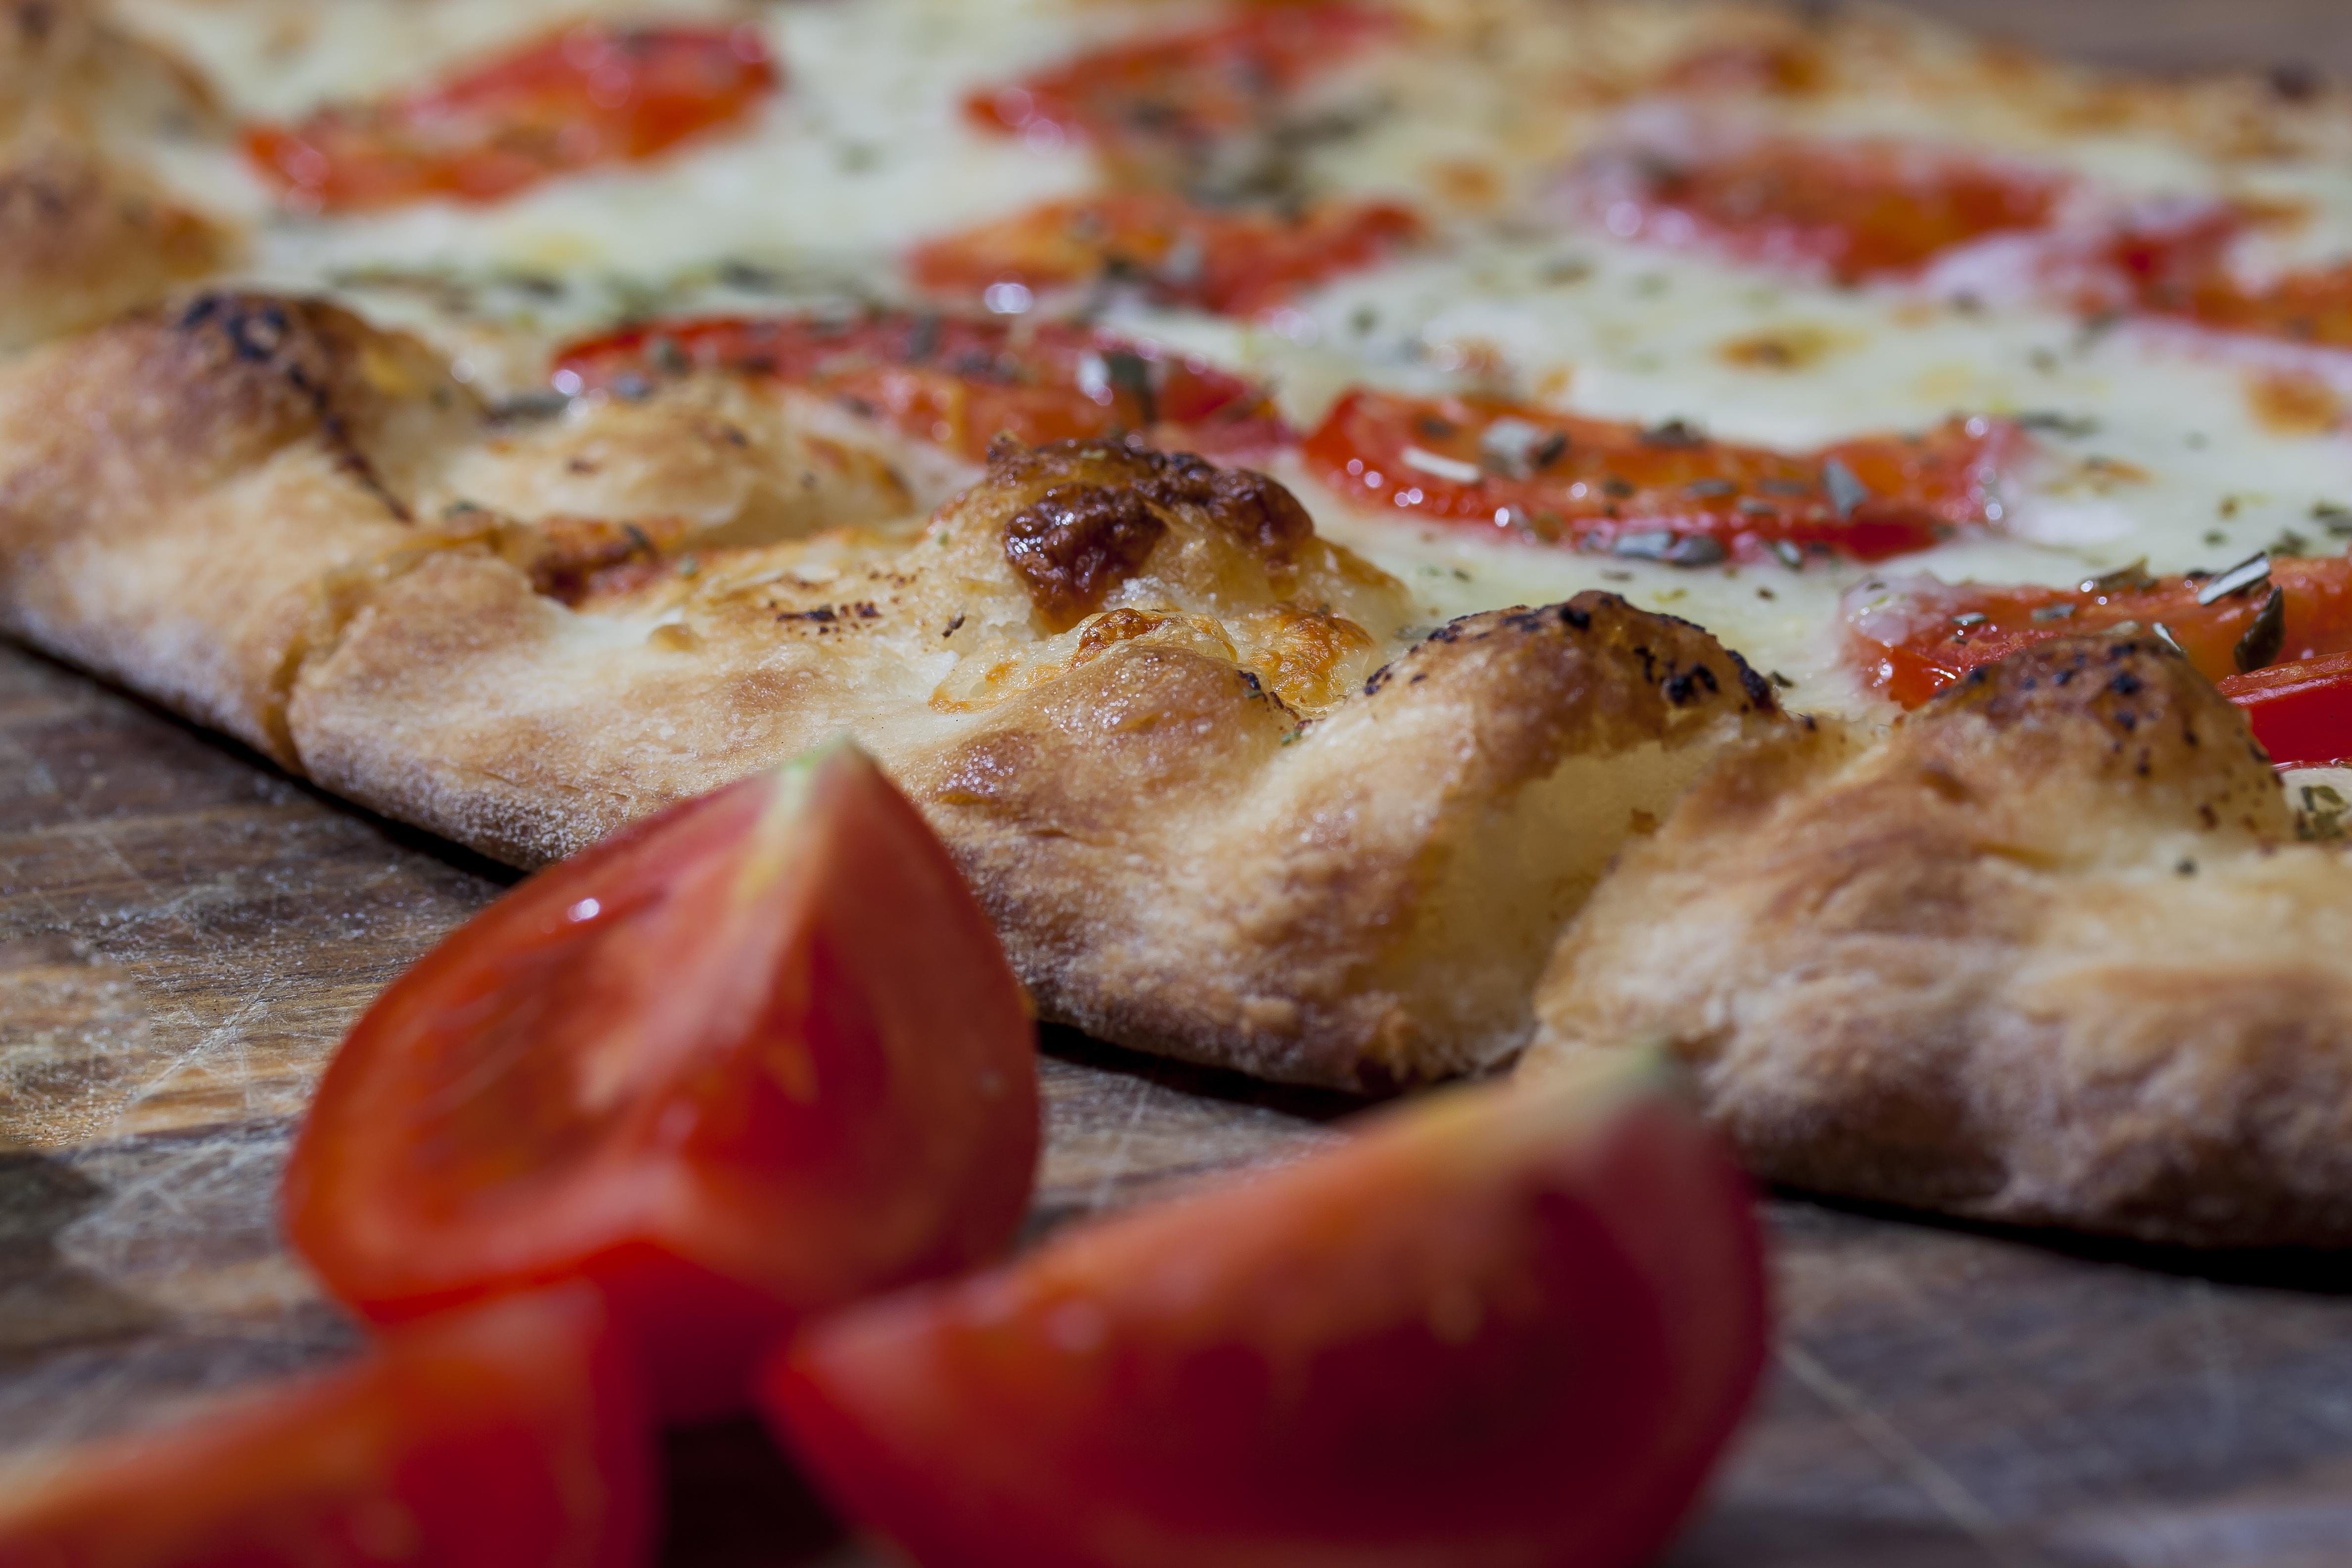 Kostenlose foto : Gericht, Lebensmittel, produzieren, Fleisch, Küche ...